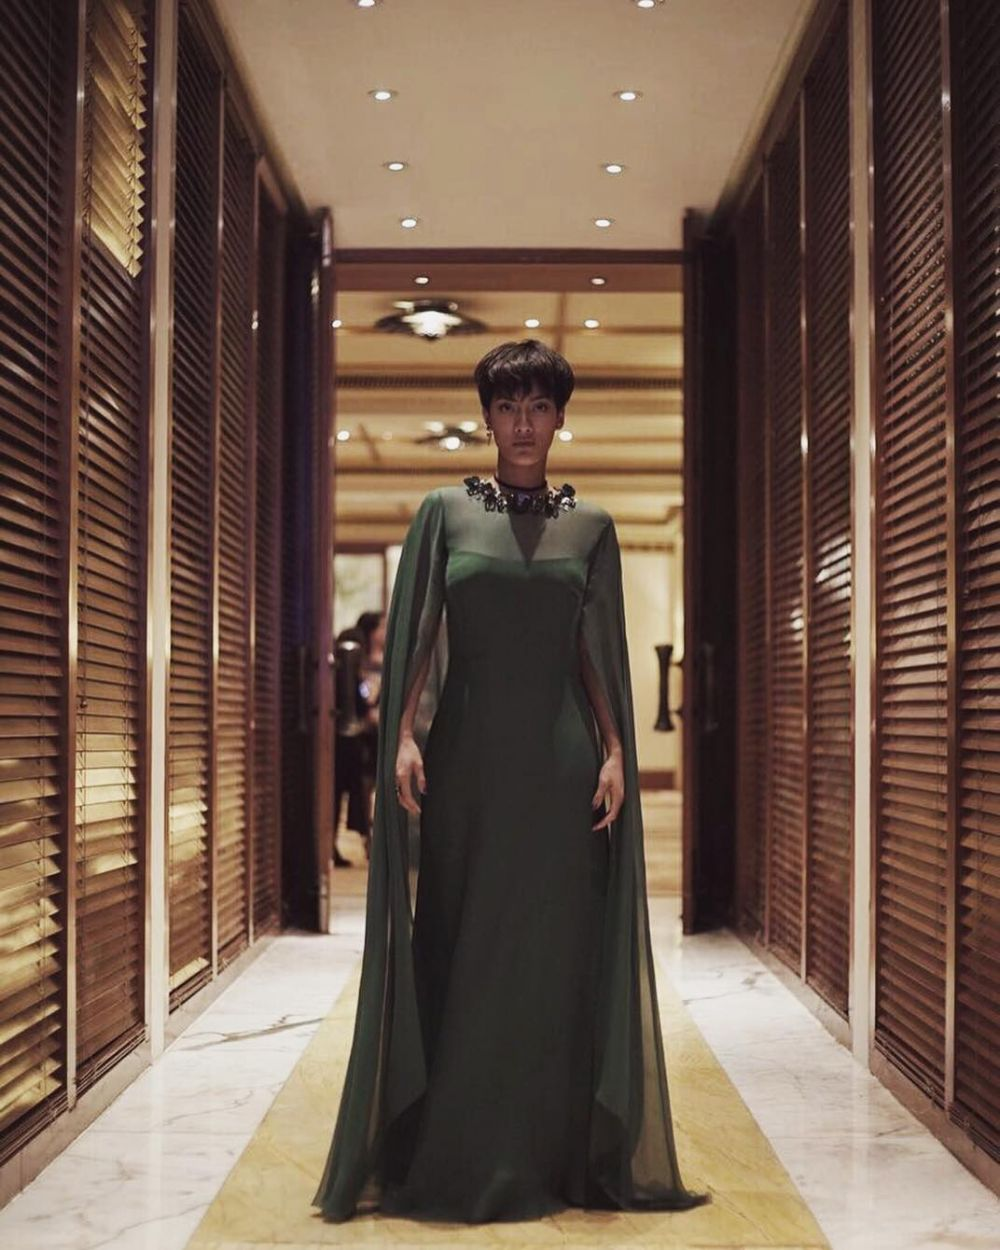 Pesona Tara Basro kenakan gaun  © 2019 brilio.net